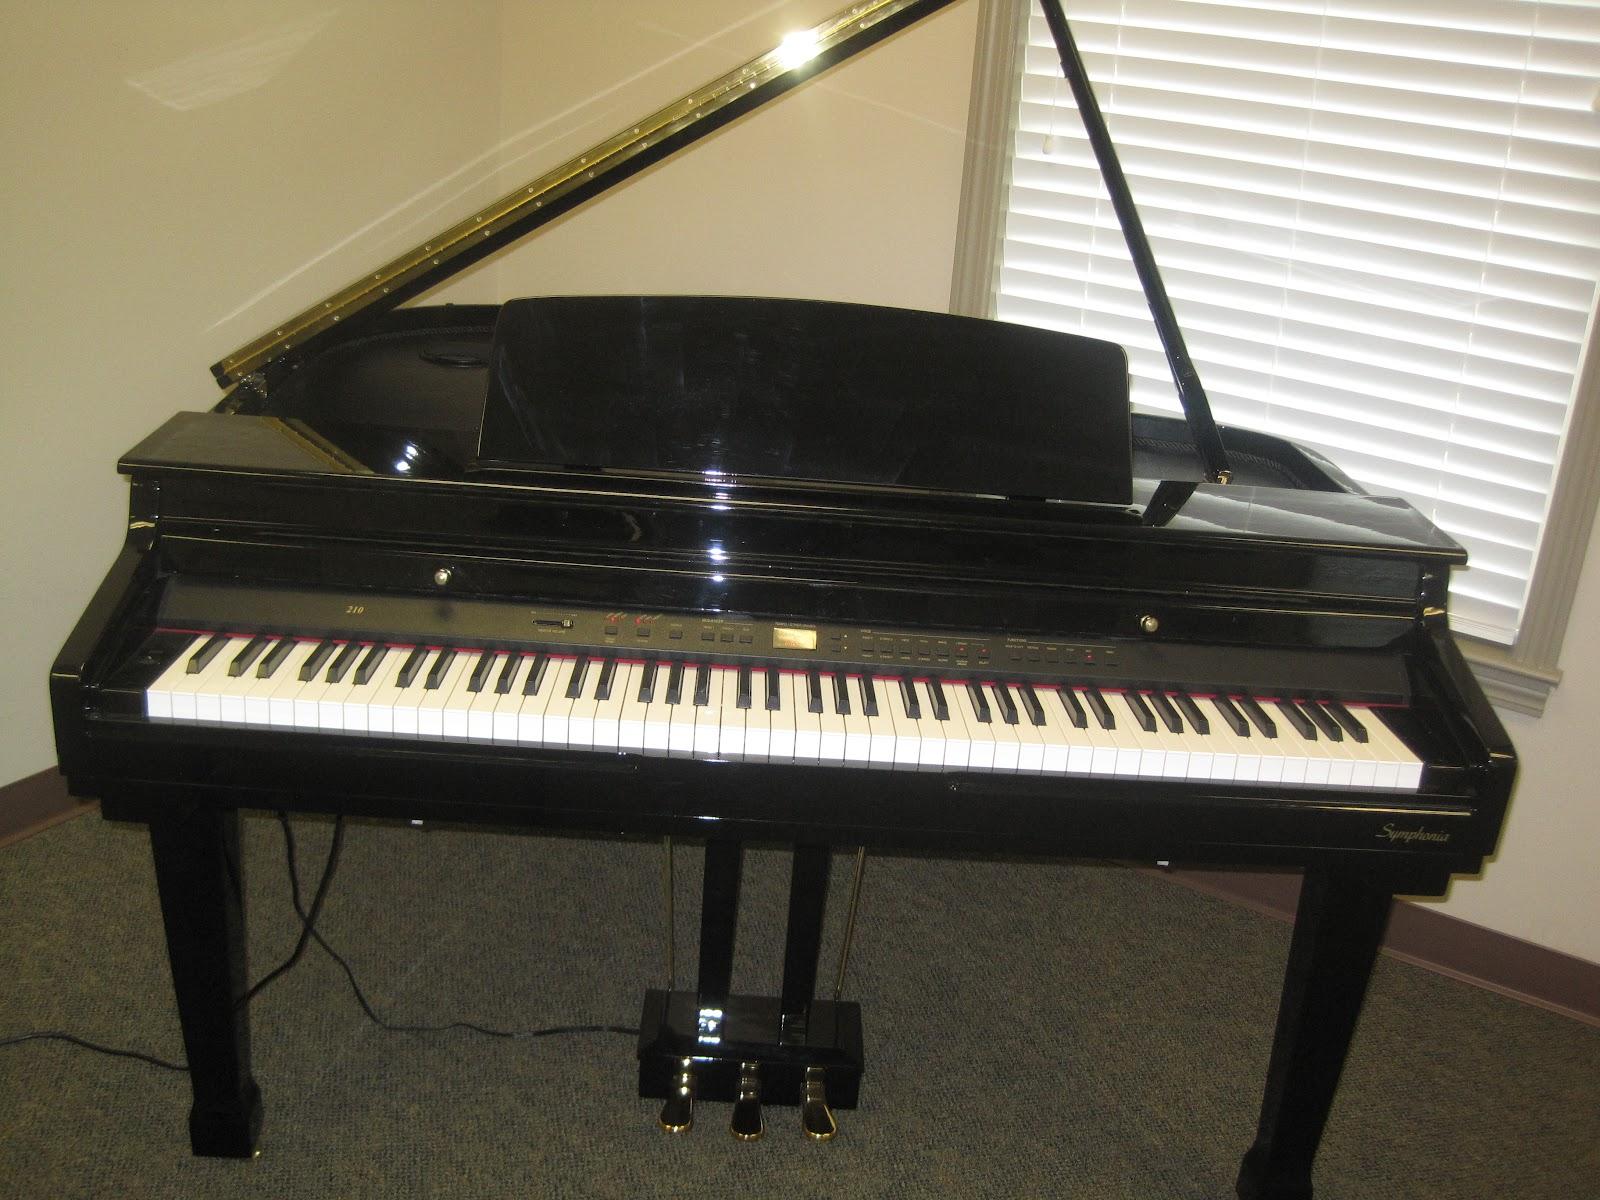 Az piano reviews review samick sg210 digital grand for Small grand piano size